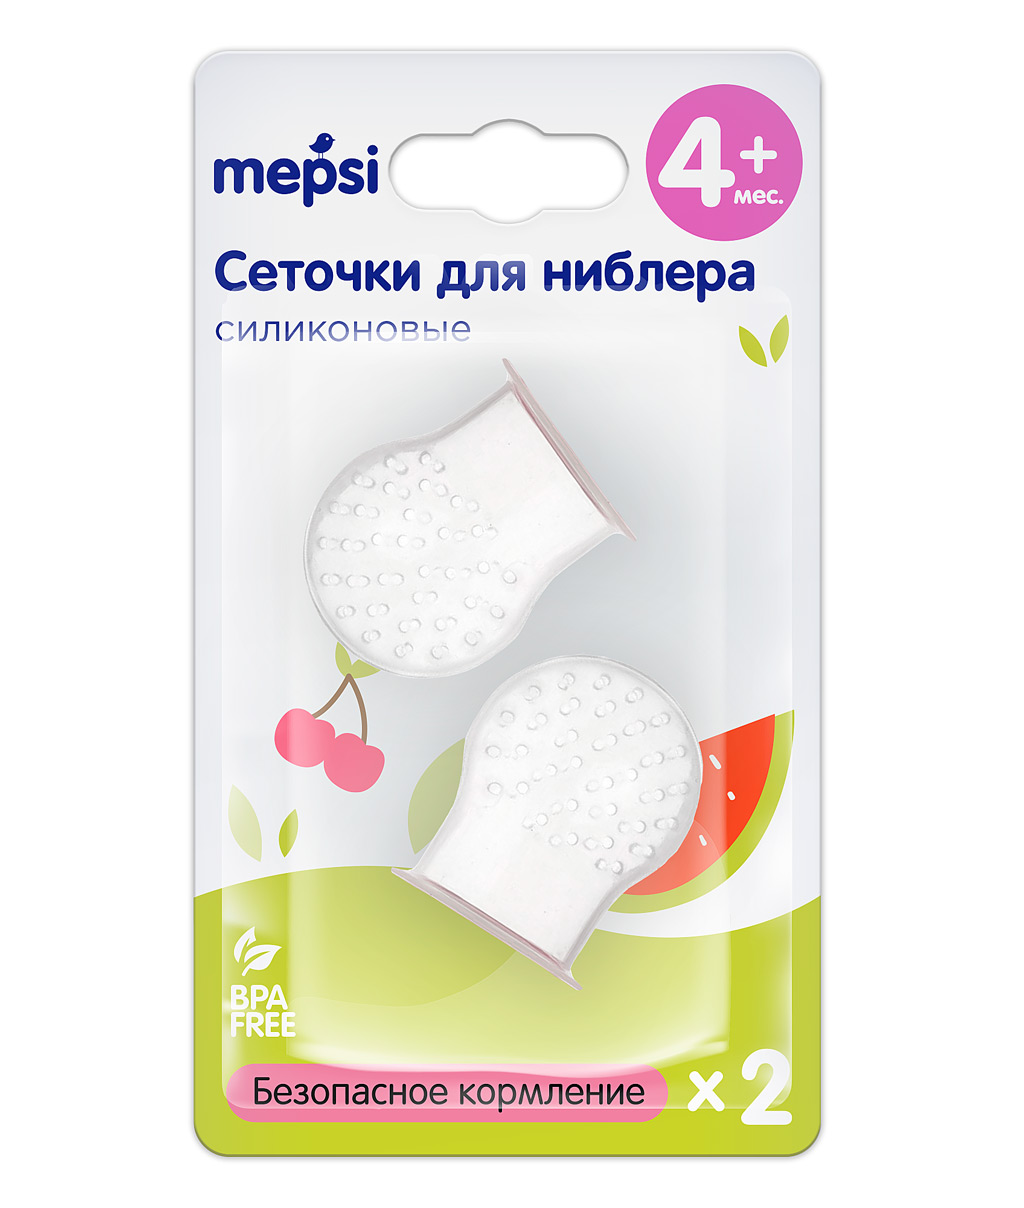 MEPSI 0346 Сеточки для ниблера силиконовые сменные, 4+